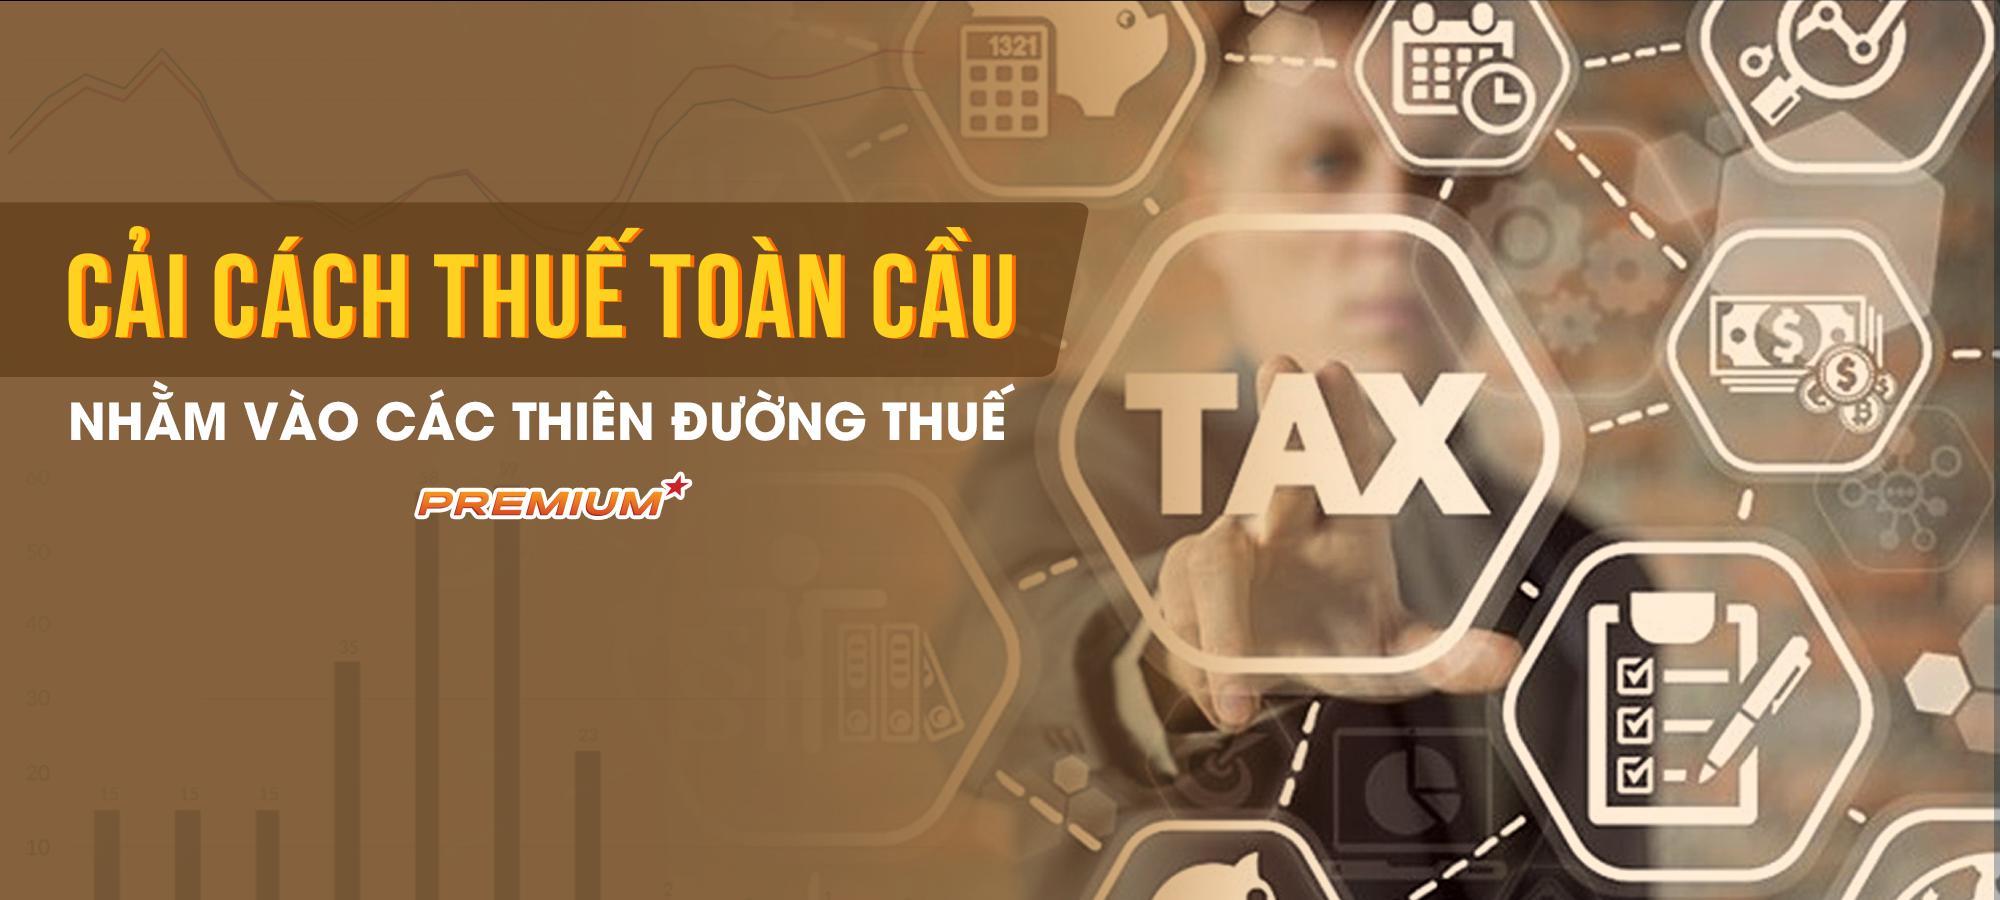 Cải cách thuế toàn cầu nhằm vào các thiên đường thuế